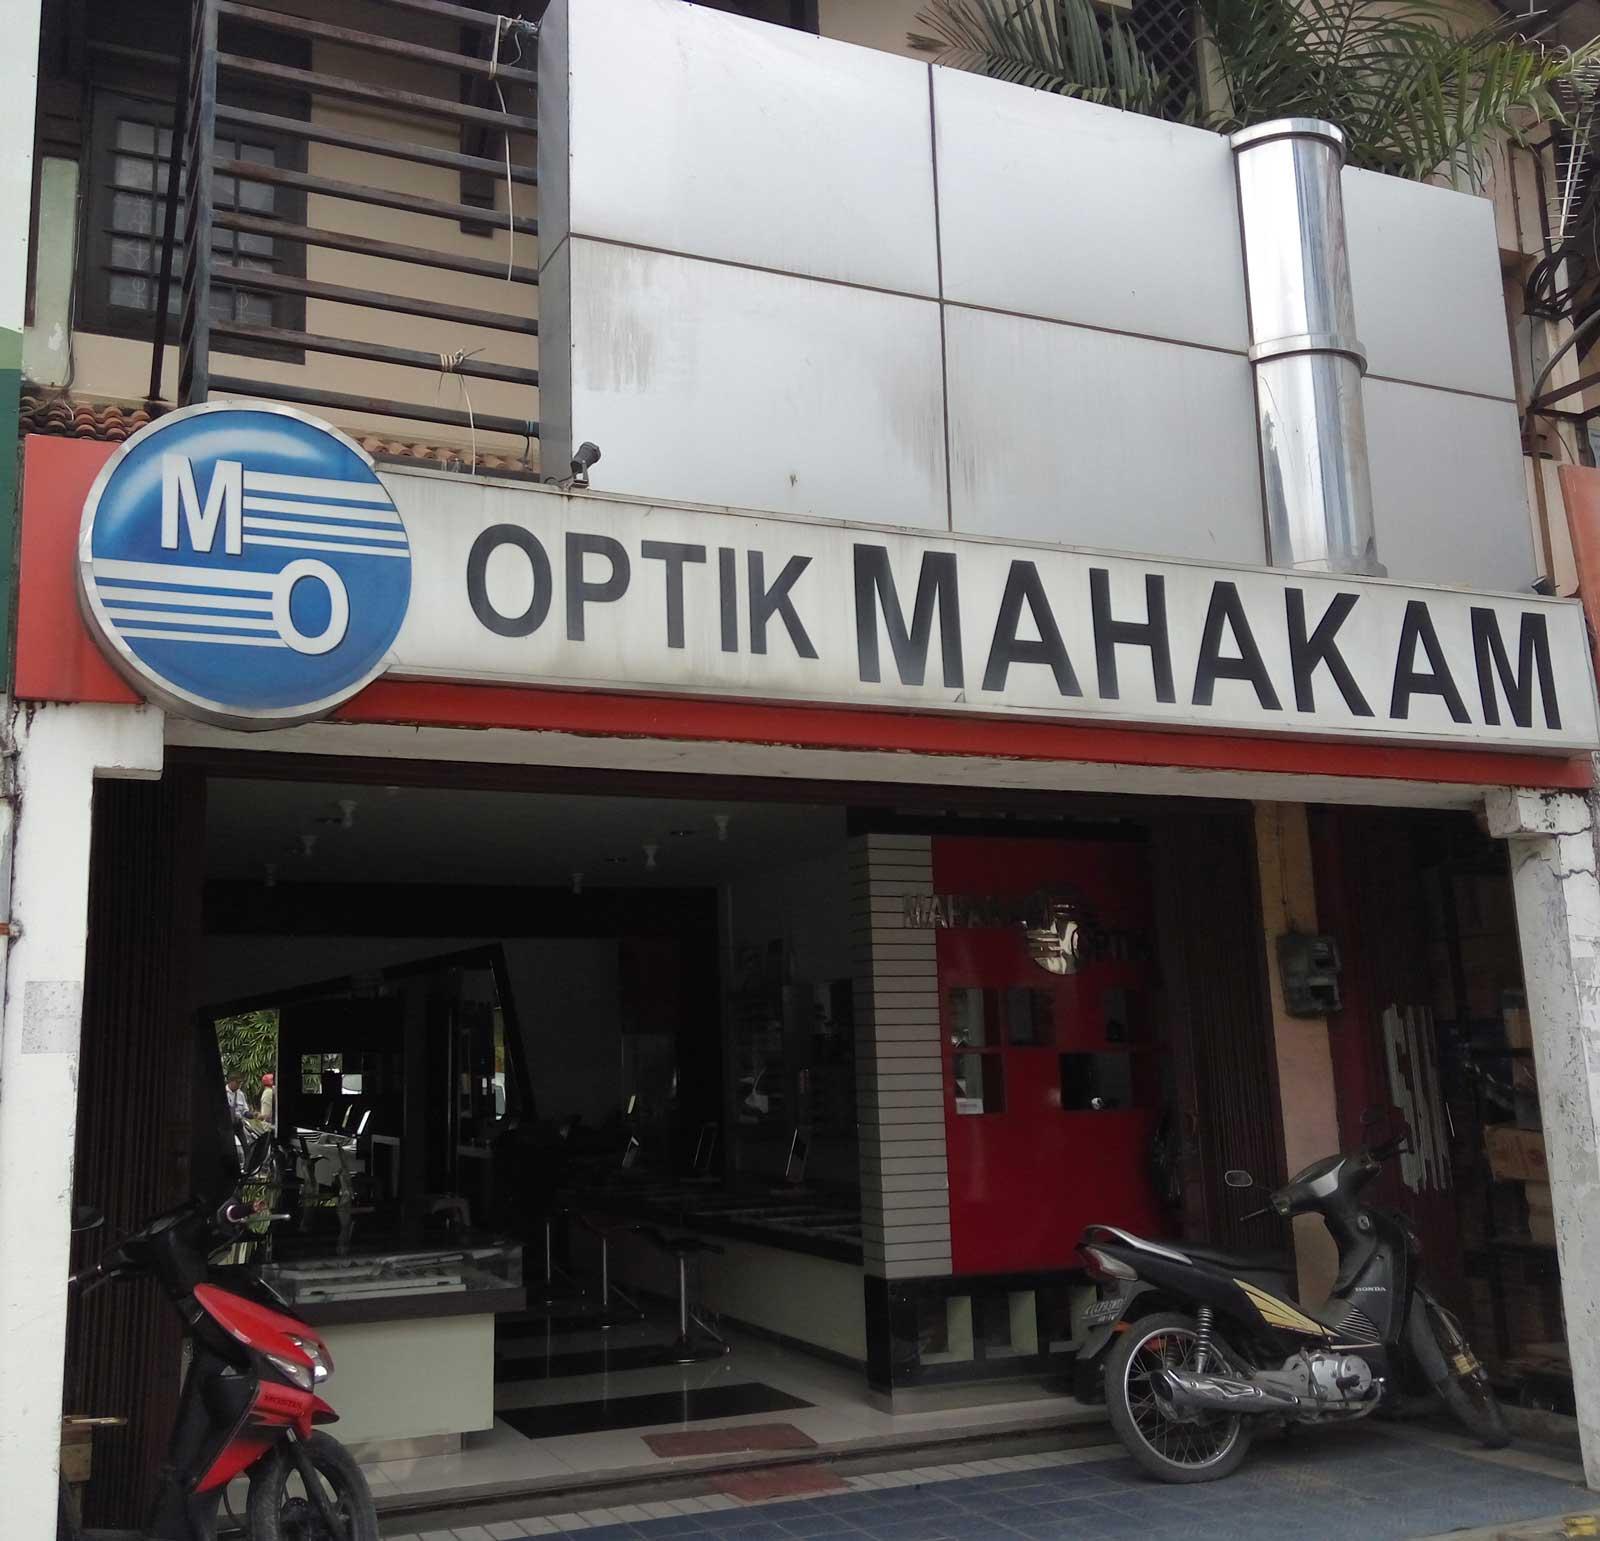 Optik Mahakam - Optik Terpercaya Di kota Samarinda